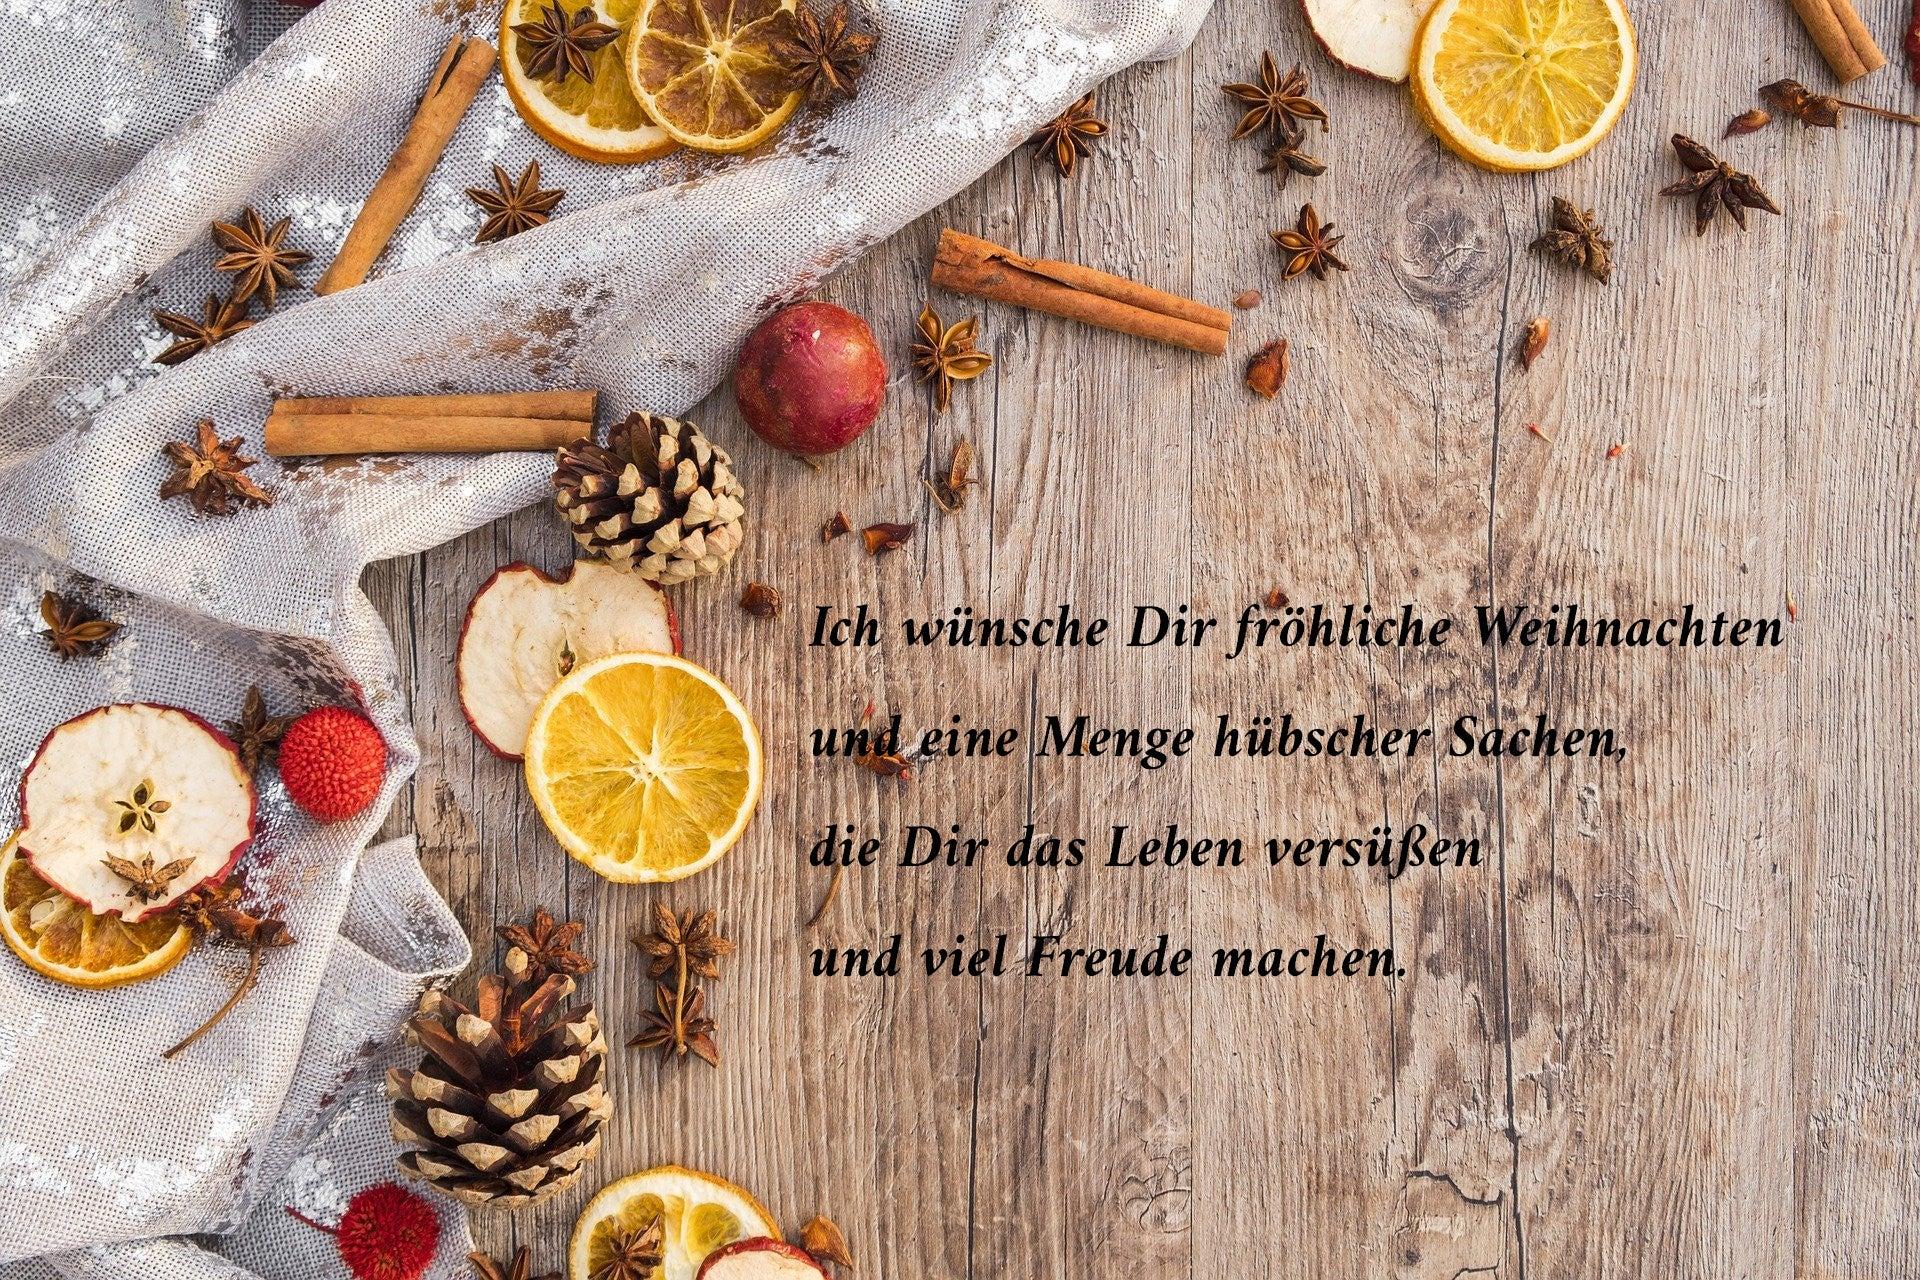 Whatsapp Sprüche Für Weihnachten 2019 Die Schönsten Grüße